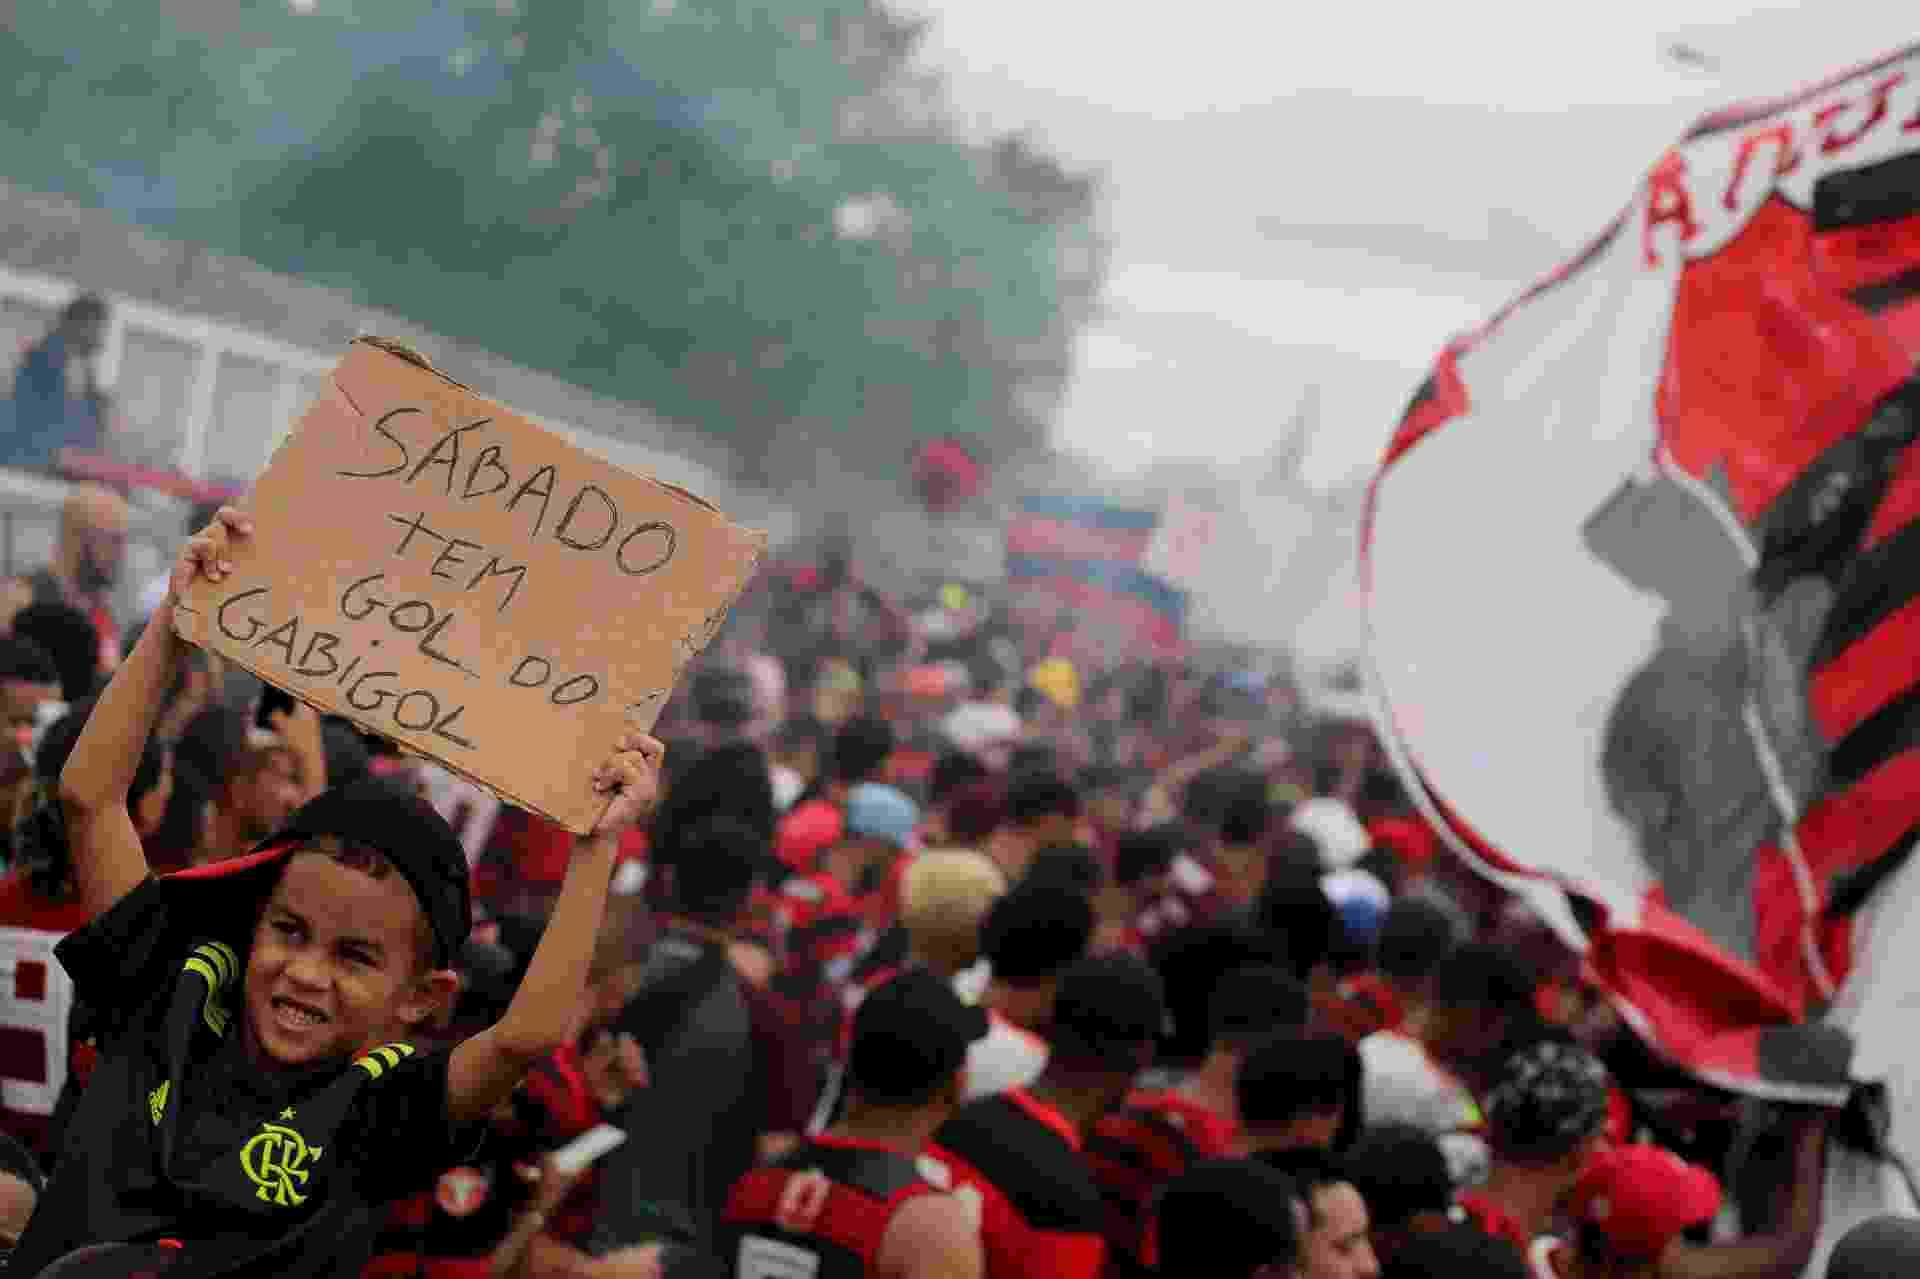 """""""Sábado tem gol do Gabigol"""", diz placa erguida por jovem torcedor do Flamengo - Sergio Moraes/Reuters"""